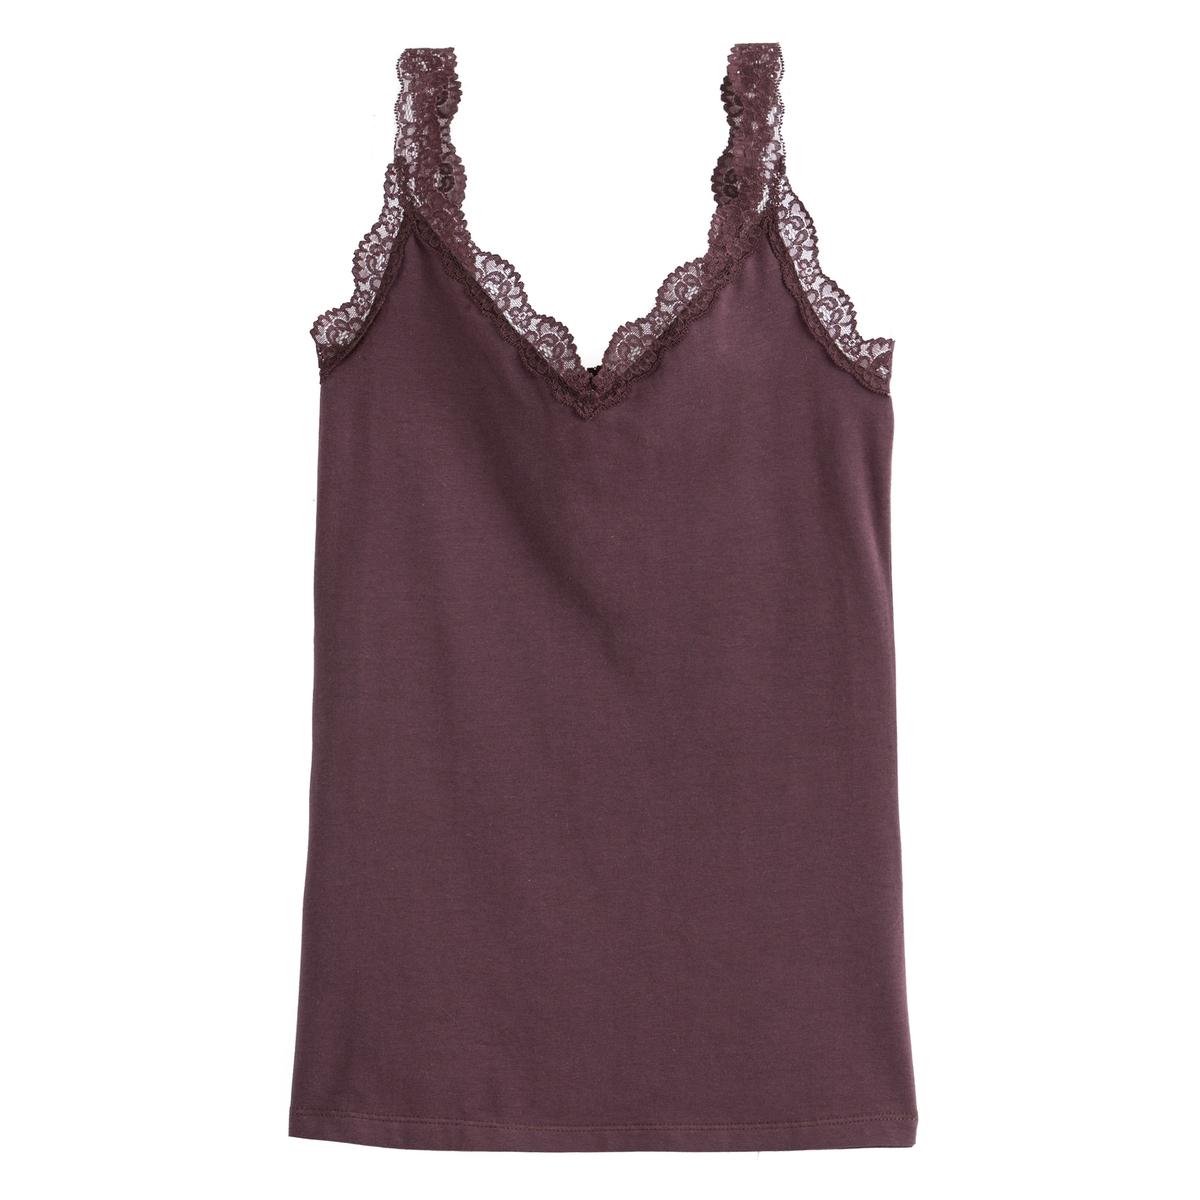 Camiseta sin mangas con tirantes de encaje